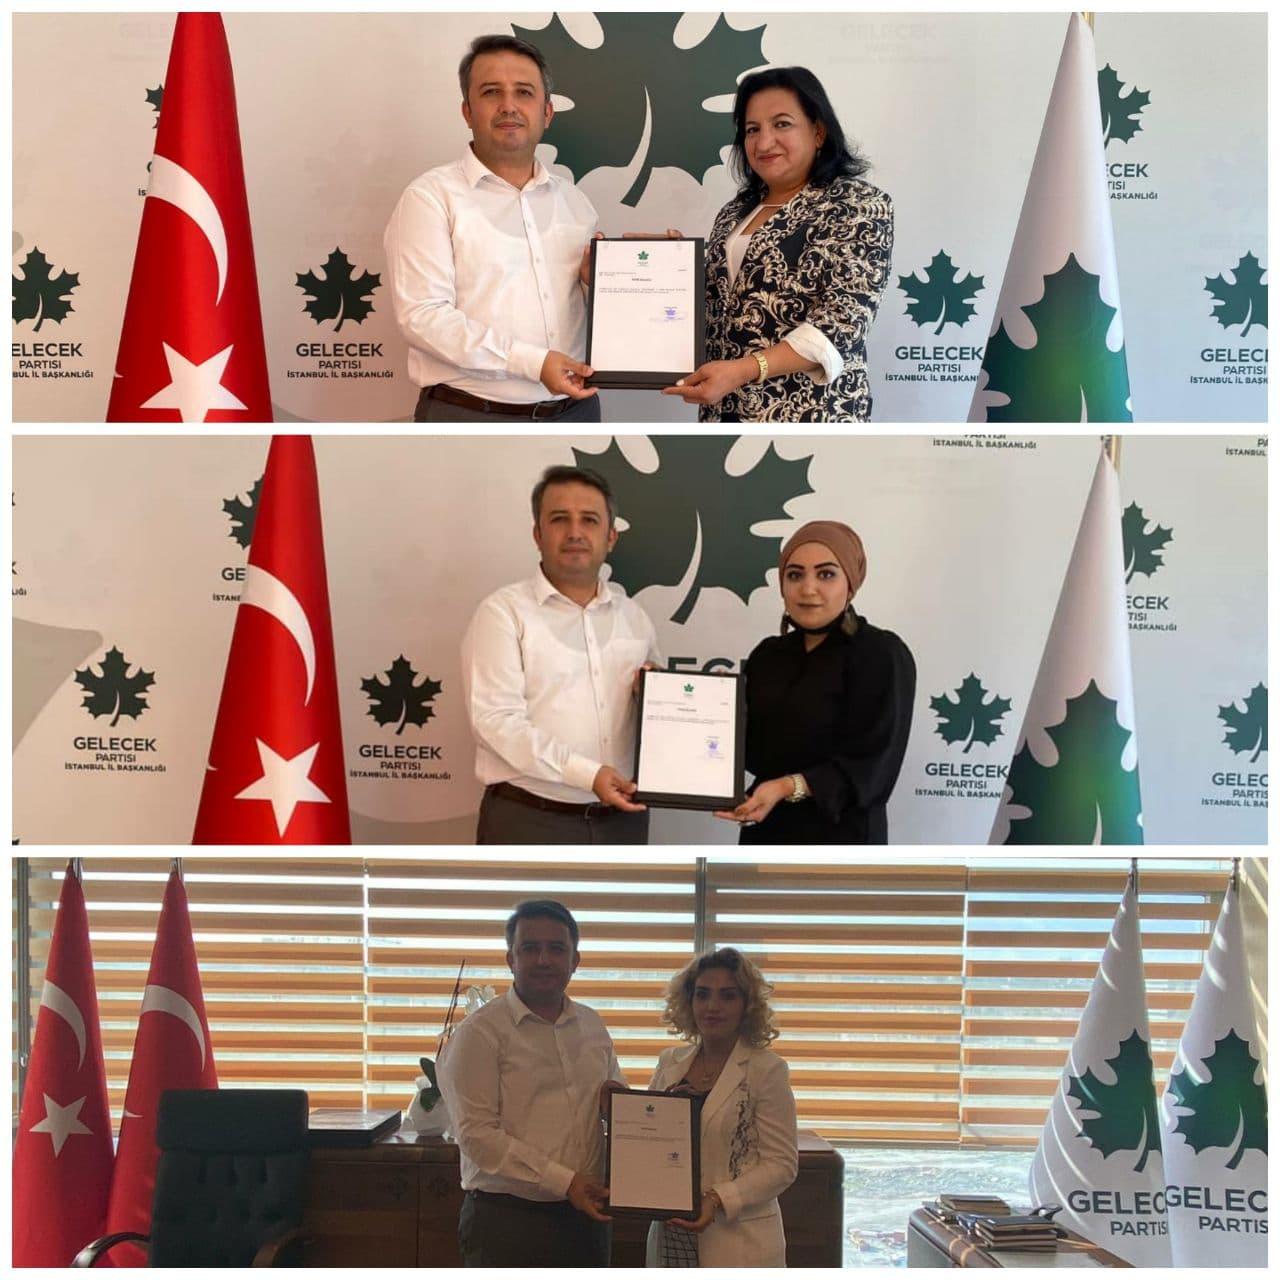 Silivri, Arnavutköy ve Eyüpsultan Kadın Kolları Başkanlarımızın atamaları gerçekleştirildi